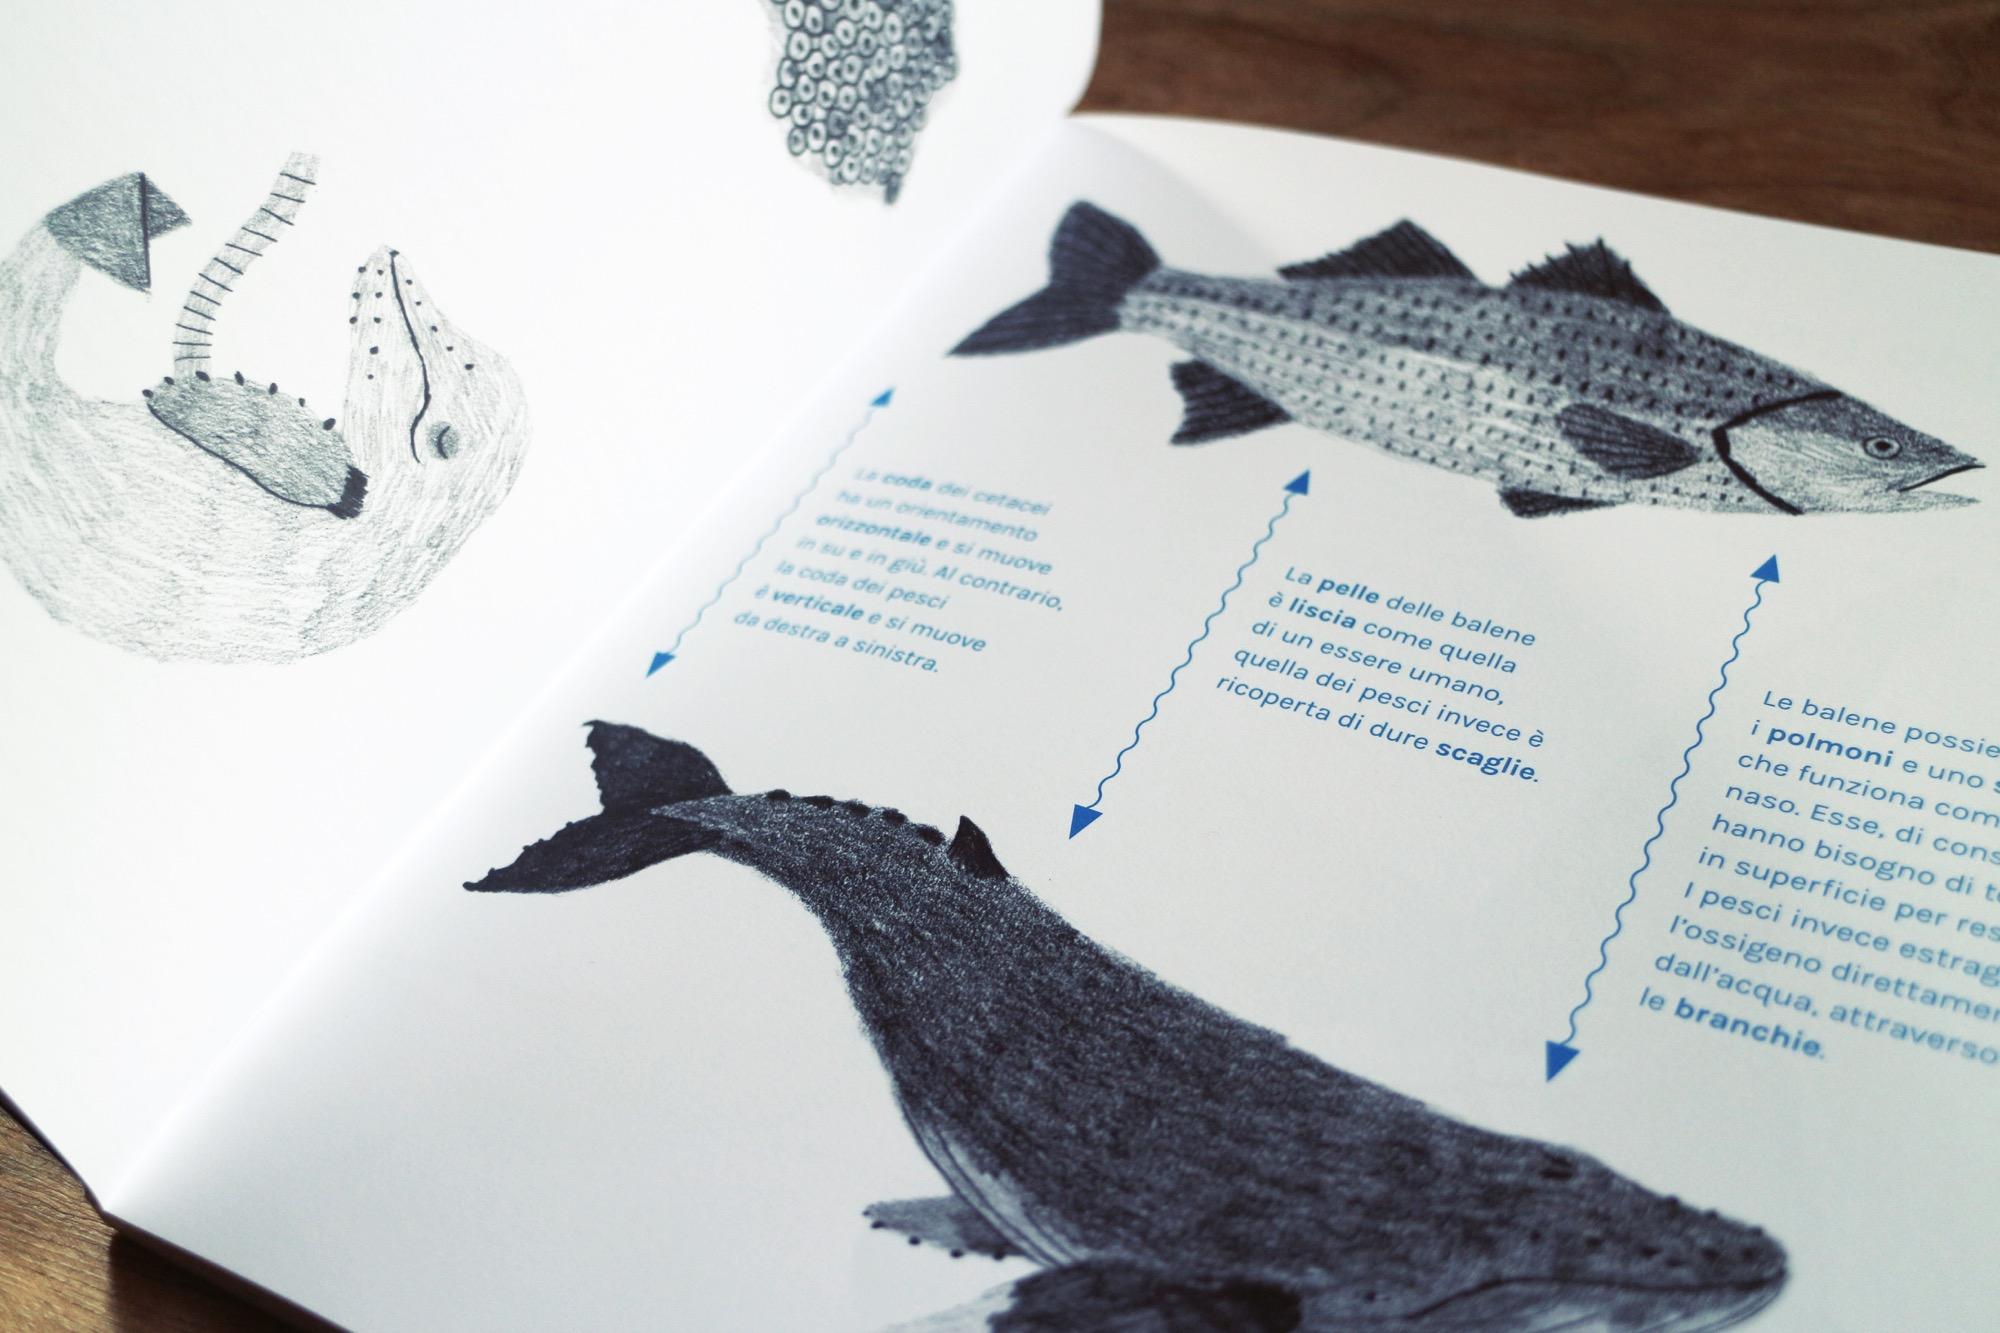 un libro sulle balene antinori 6